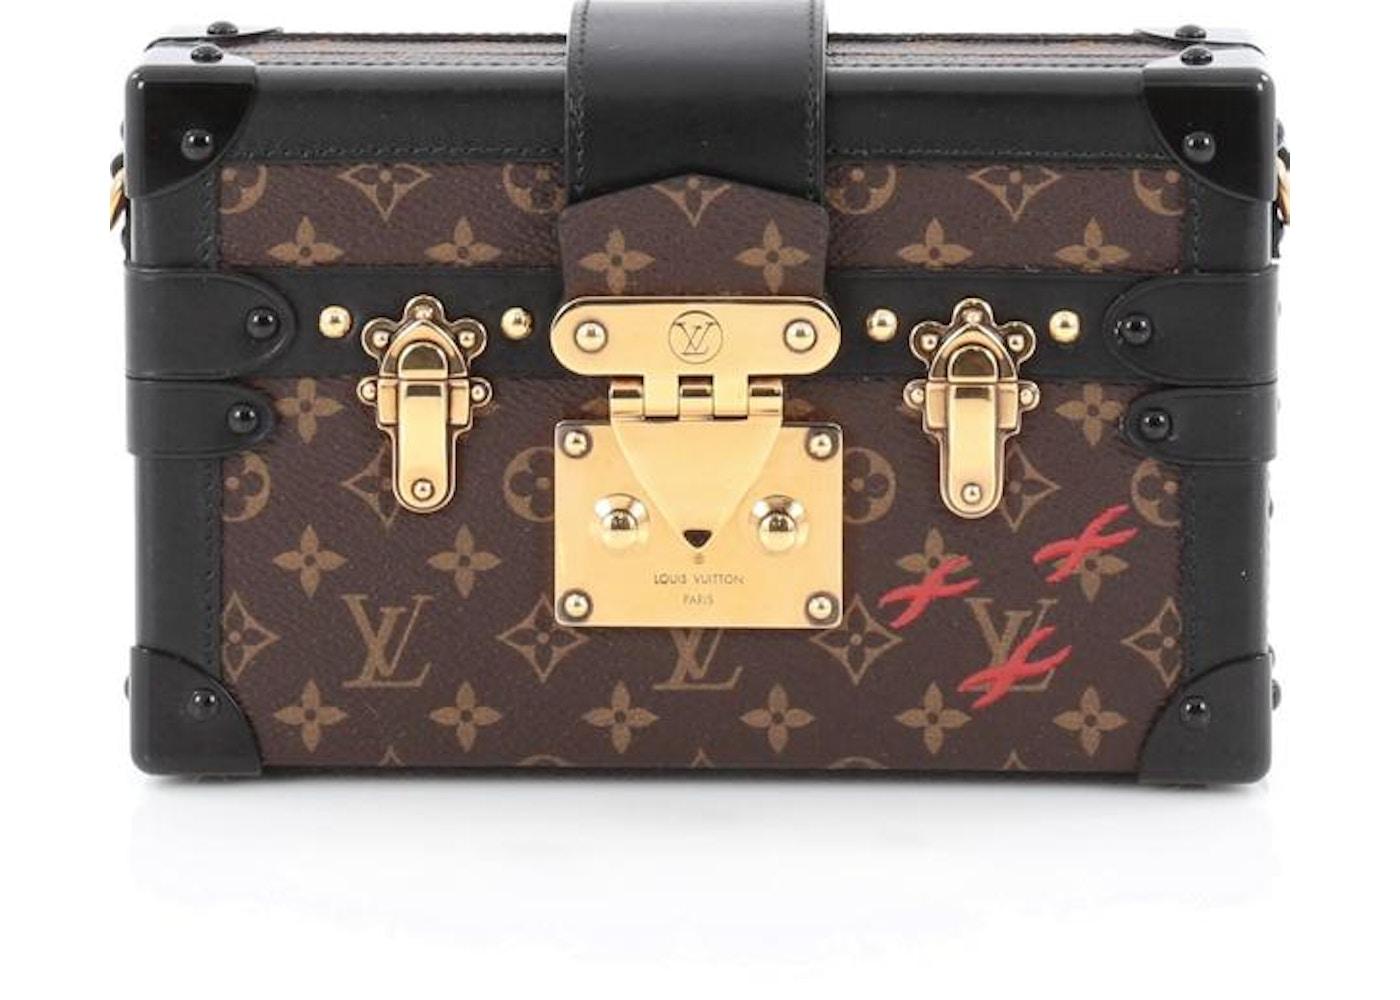 d6ff66e82af6 Louis Vuitton Petite Malle Monogram Black Brown. Monogram Black Brown